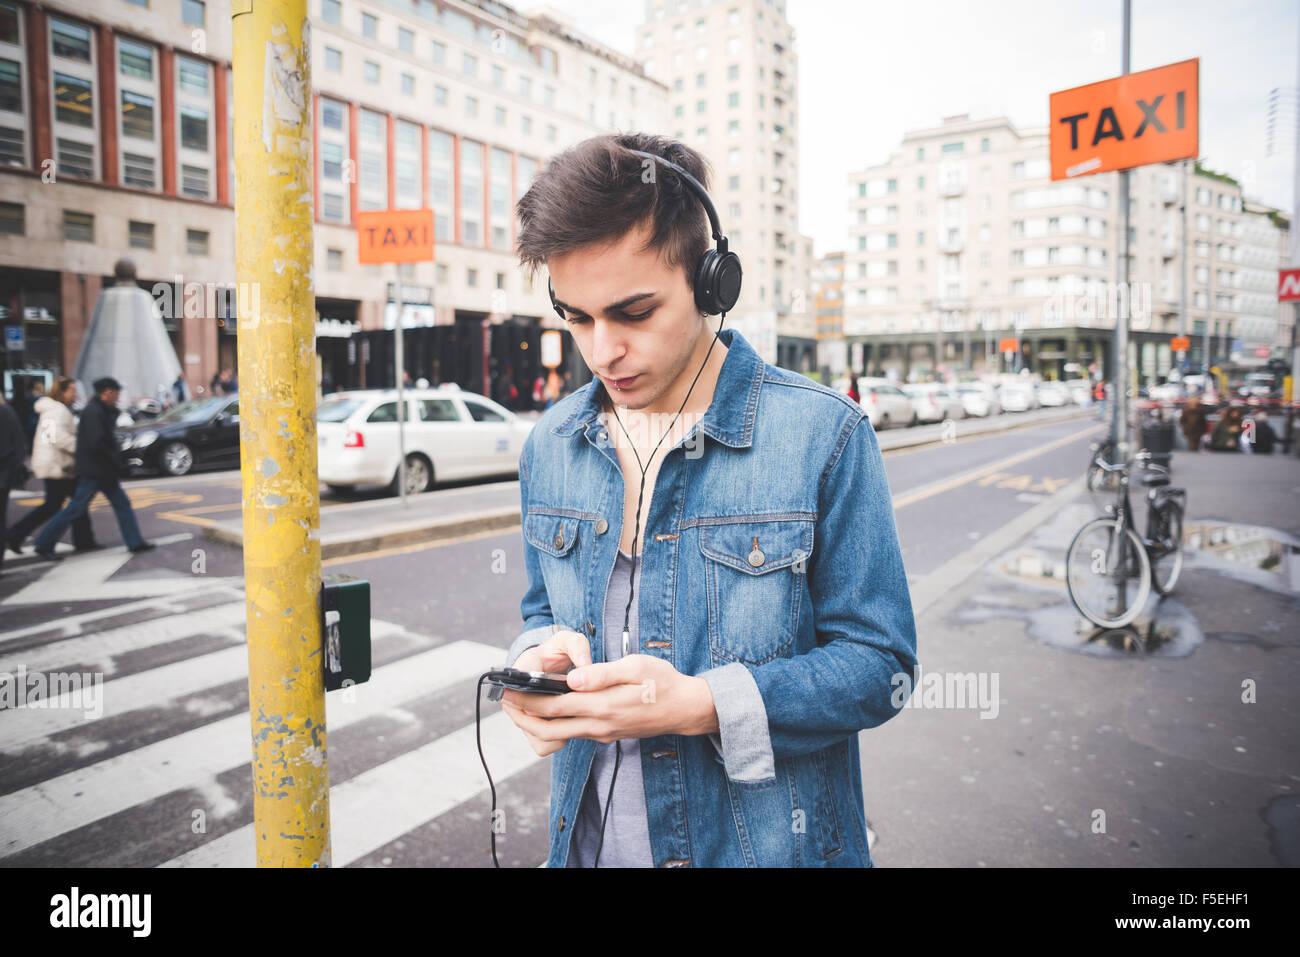 Halbe Länge des jungen schönen dunklen Alternativmodell Mann in der Stadt Musikhören mit Kopfhörer Stockbild